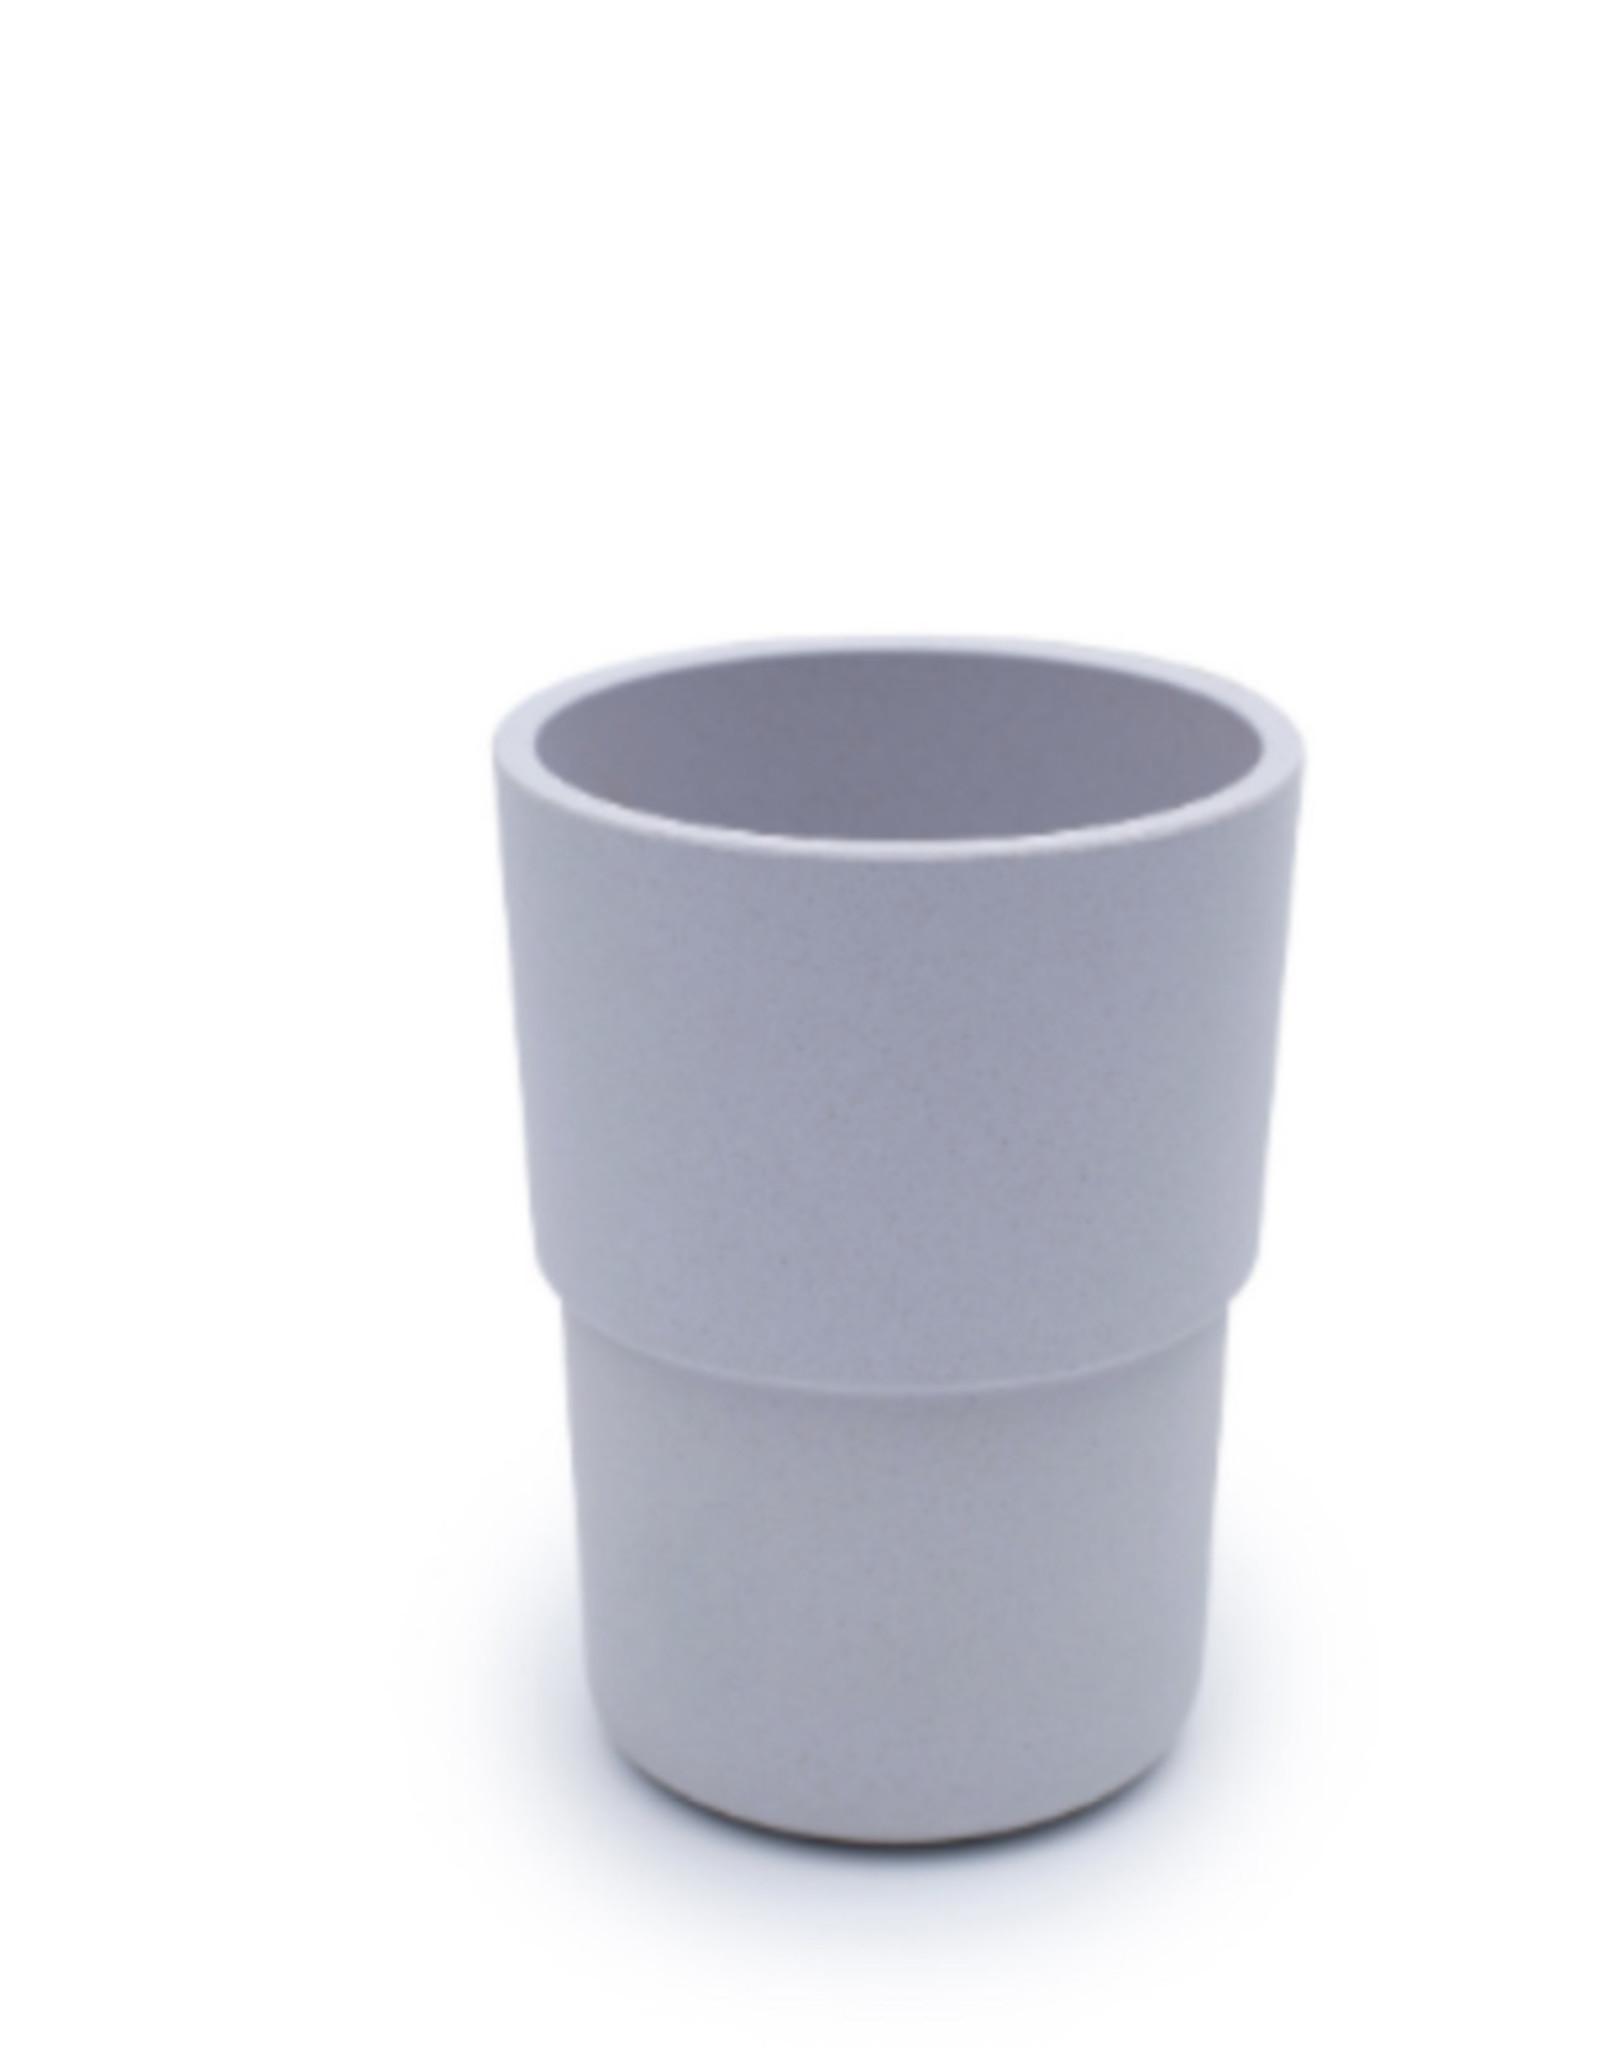 Bobo & Boo Bobo & Boo - Bamboo Cup